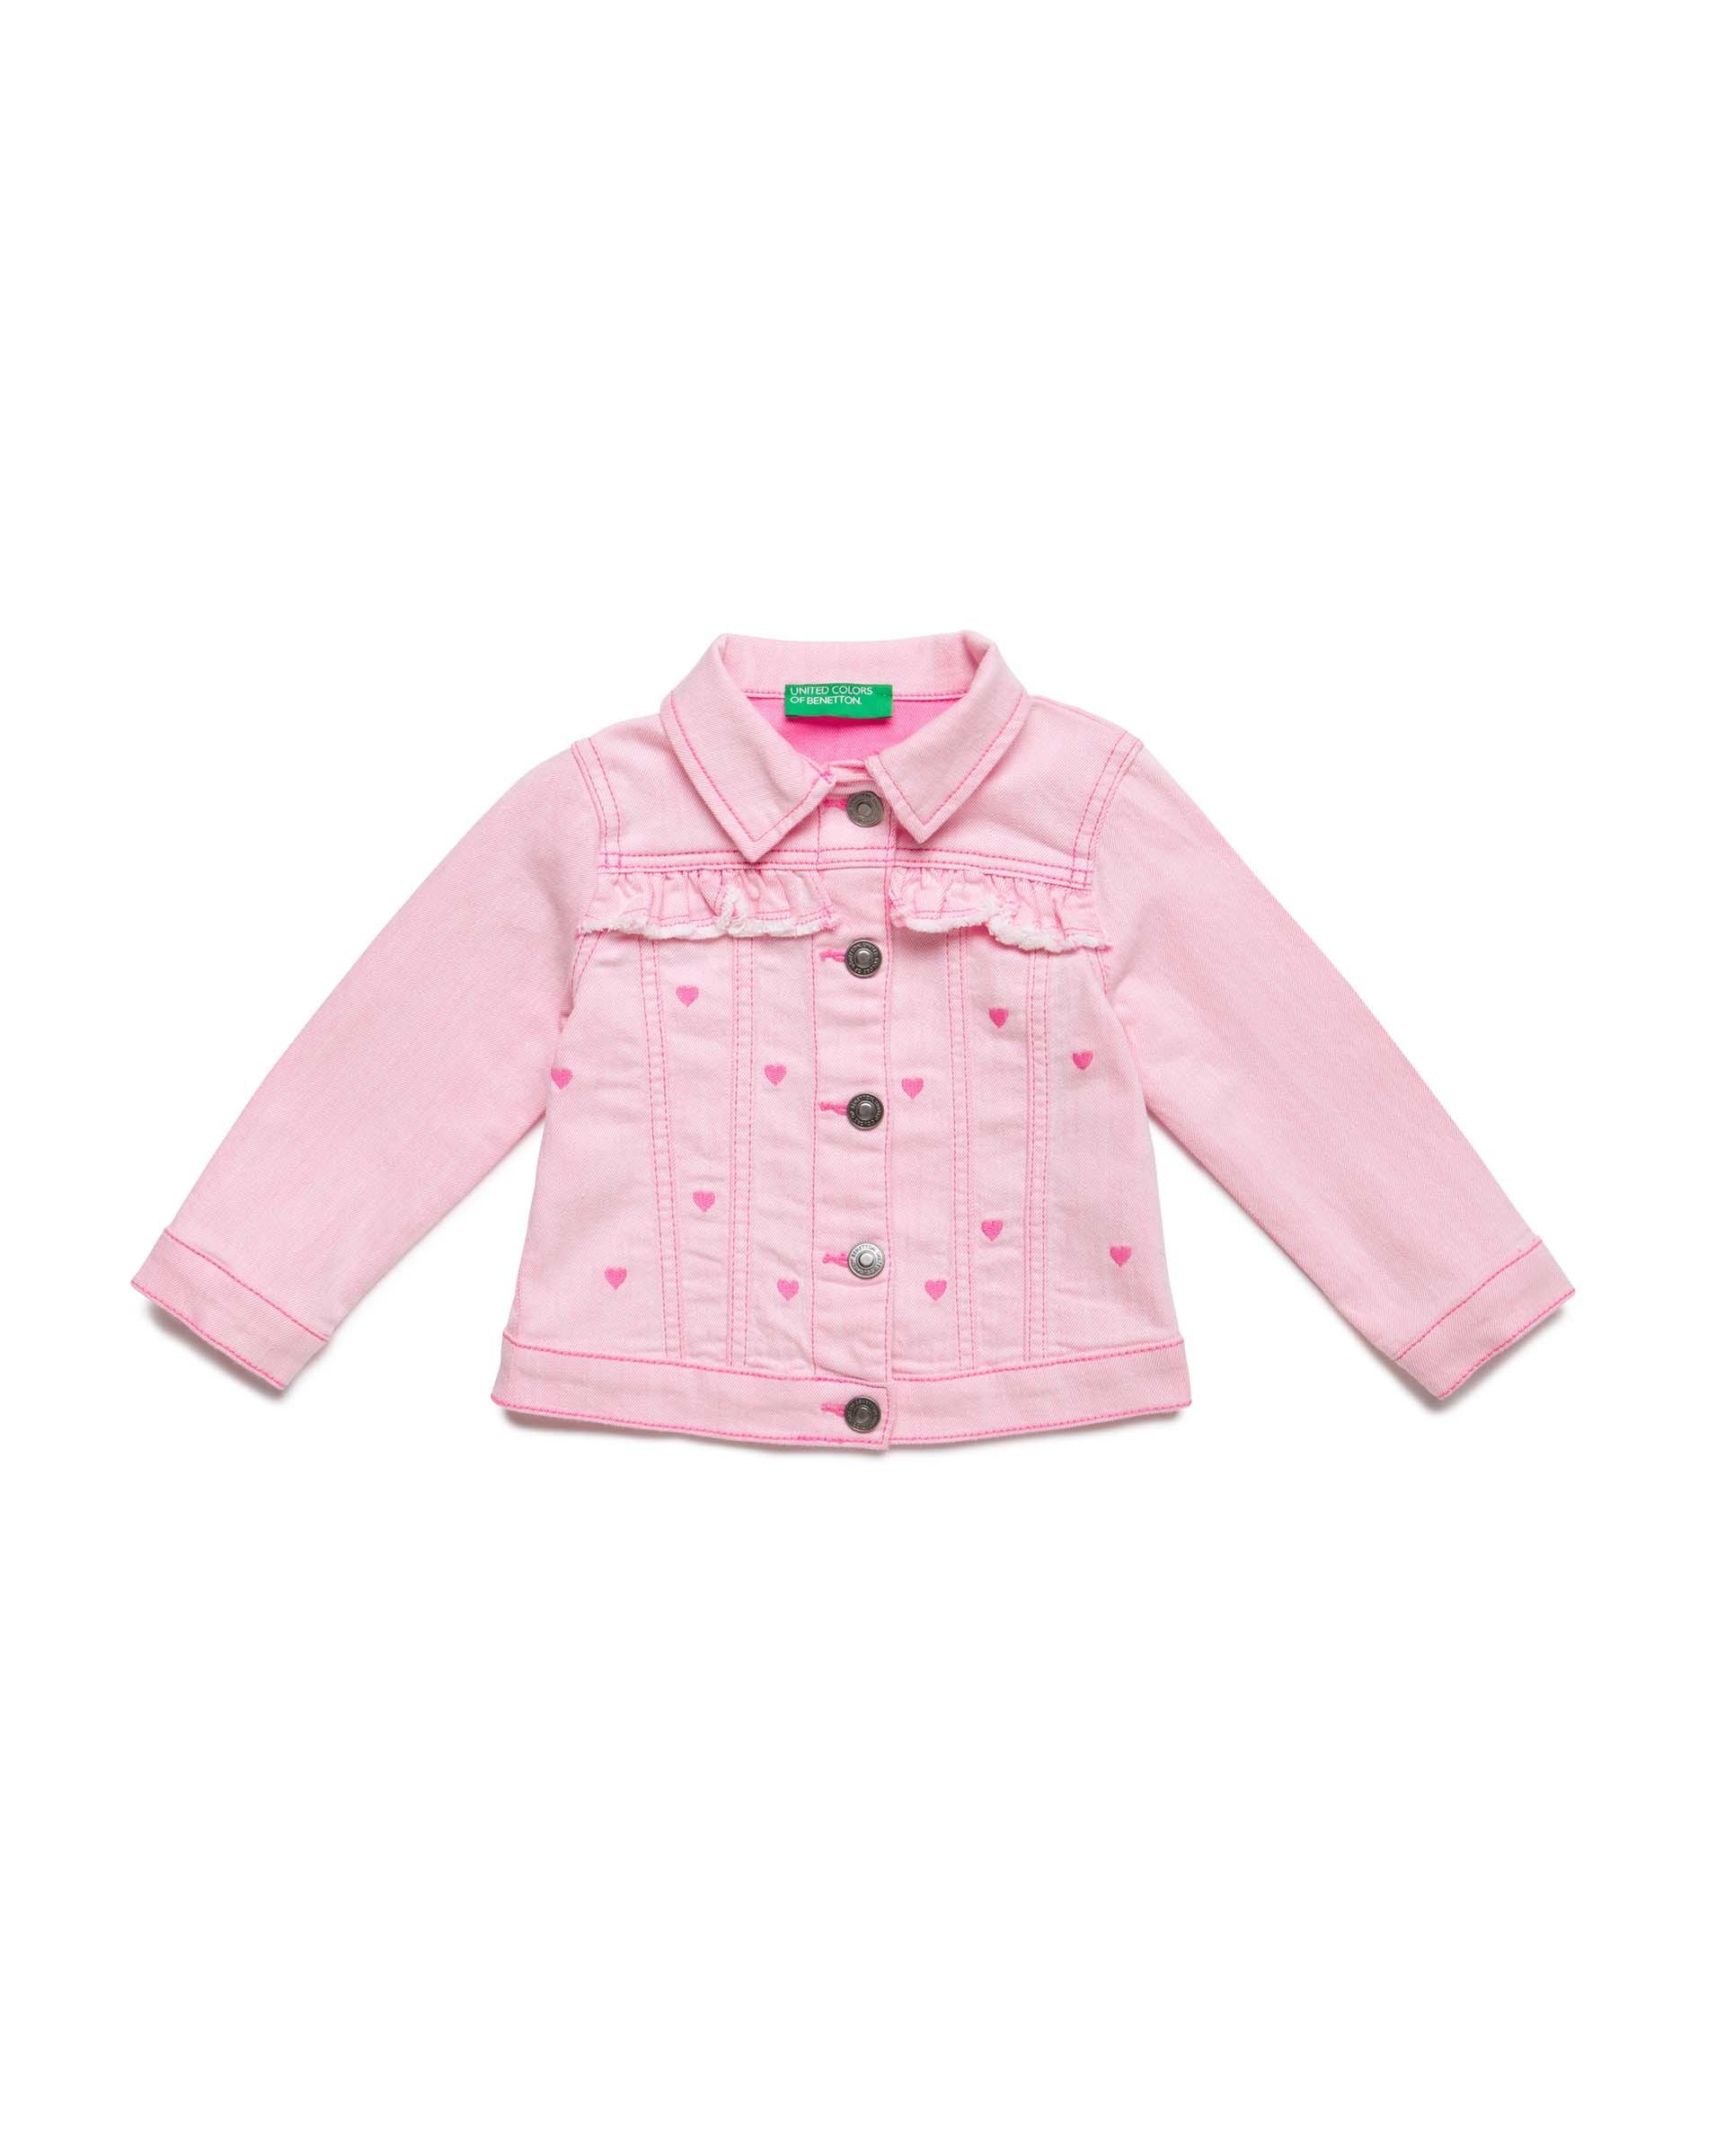 Купить 20P_2PL7532XP_40J, Джинсовая куртка для девочек Benetton 2PL7532XP_40J р-р 104, United Colors of Benetton, Куртки для девочек